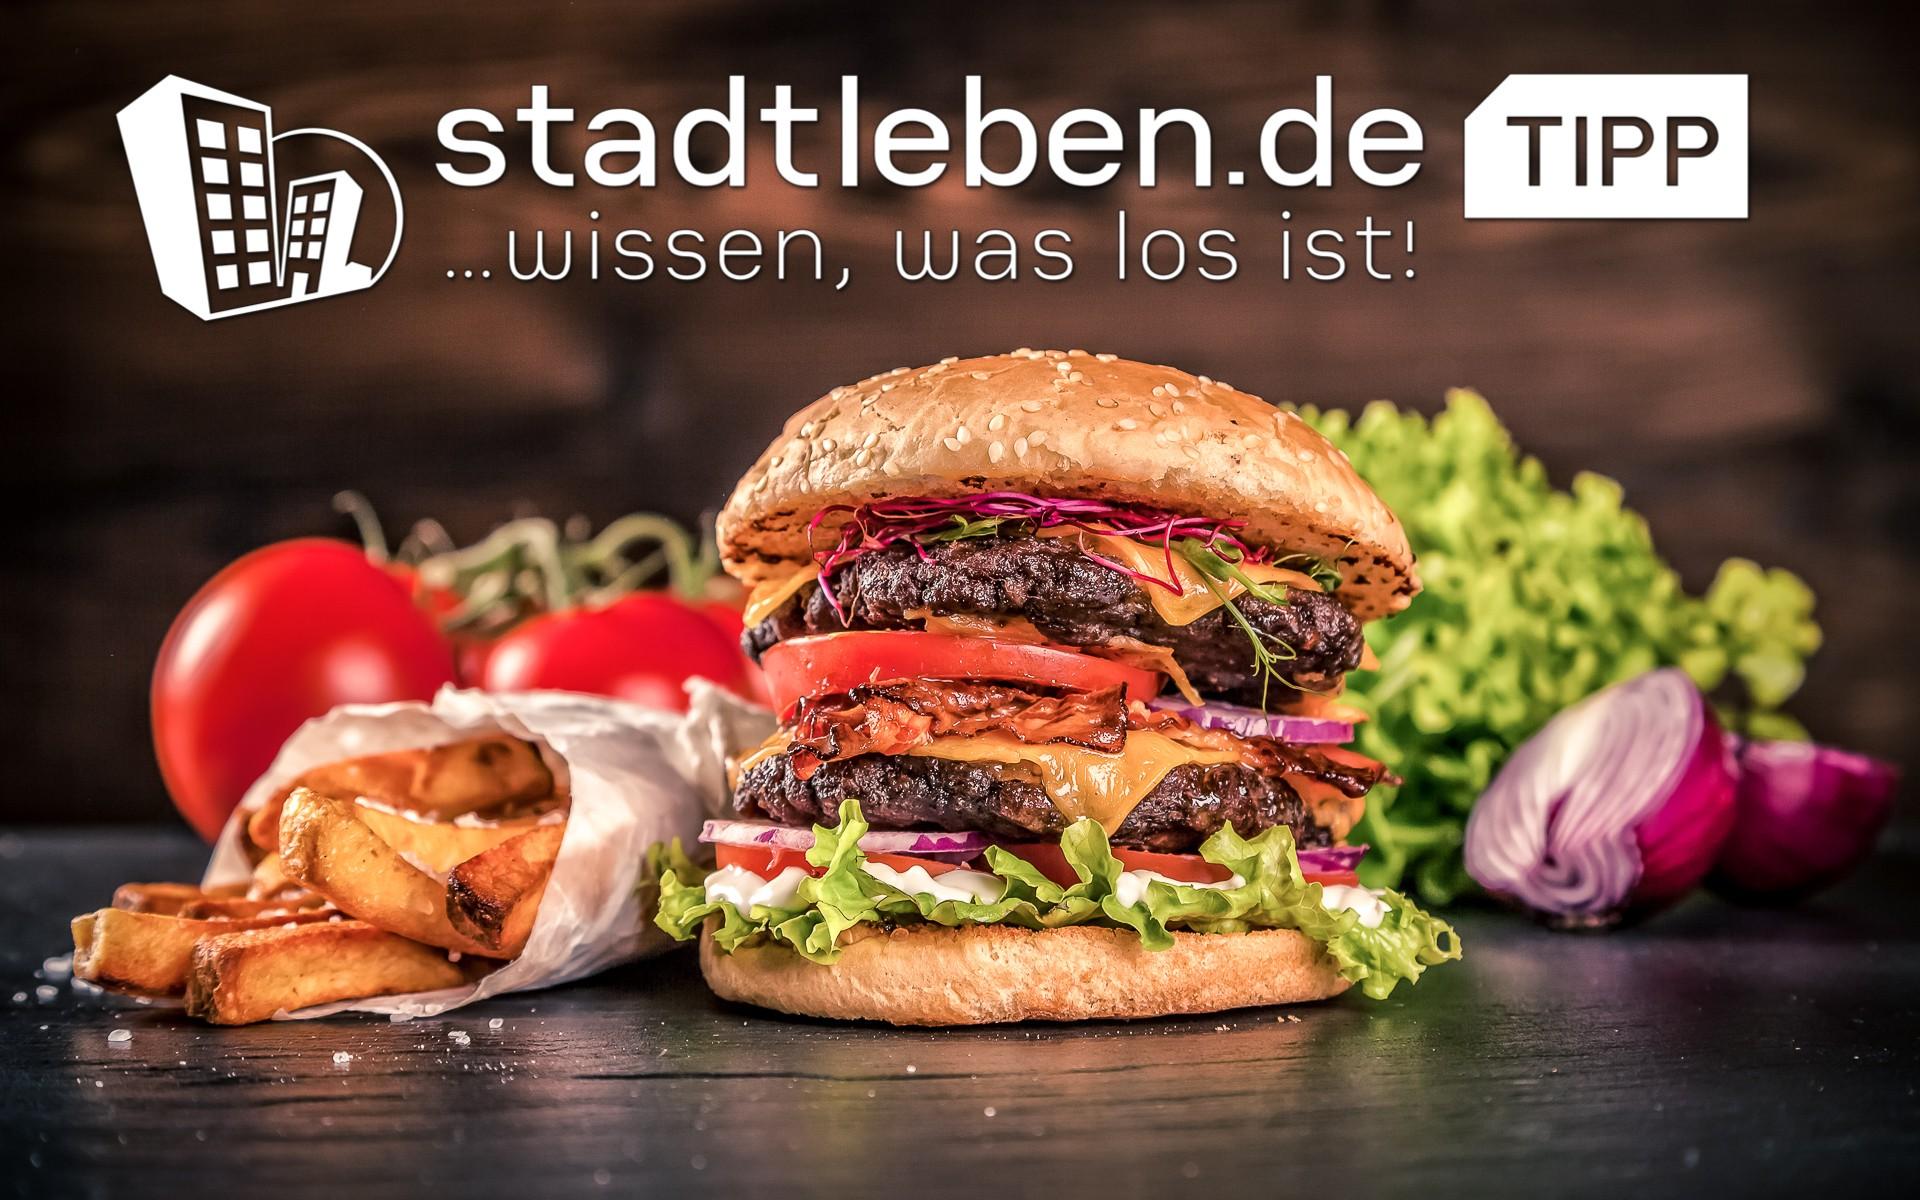 Leckerer Burger mit Rindfleisch, frischen Tomaten, Salat, Zwiebeln und Käse, dazu Pommes Frittes